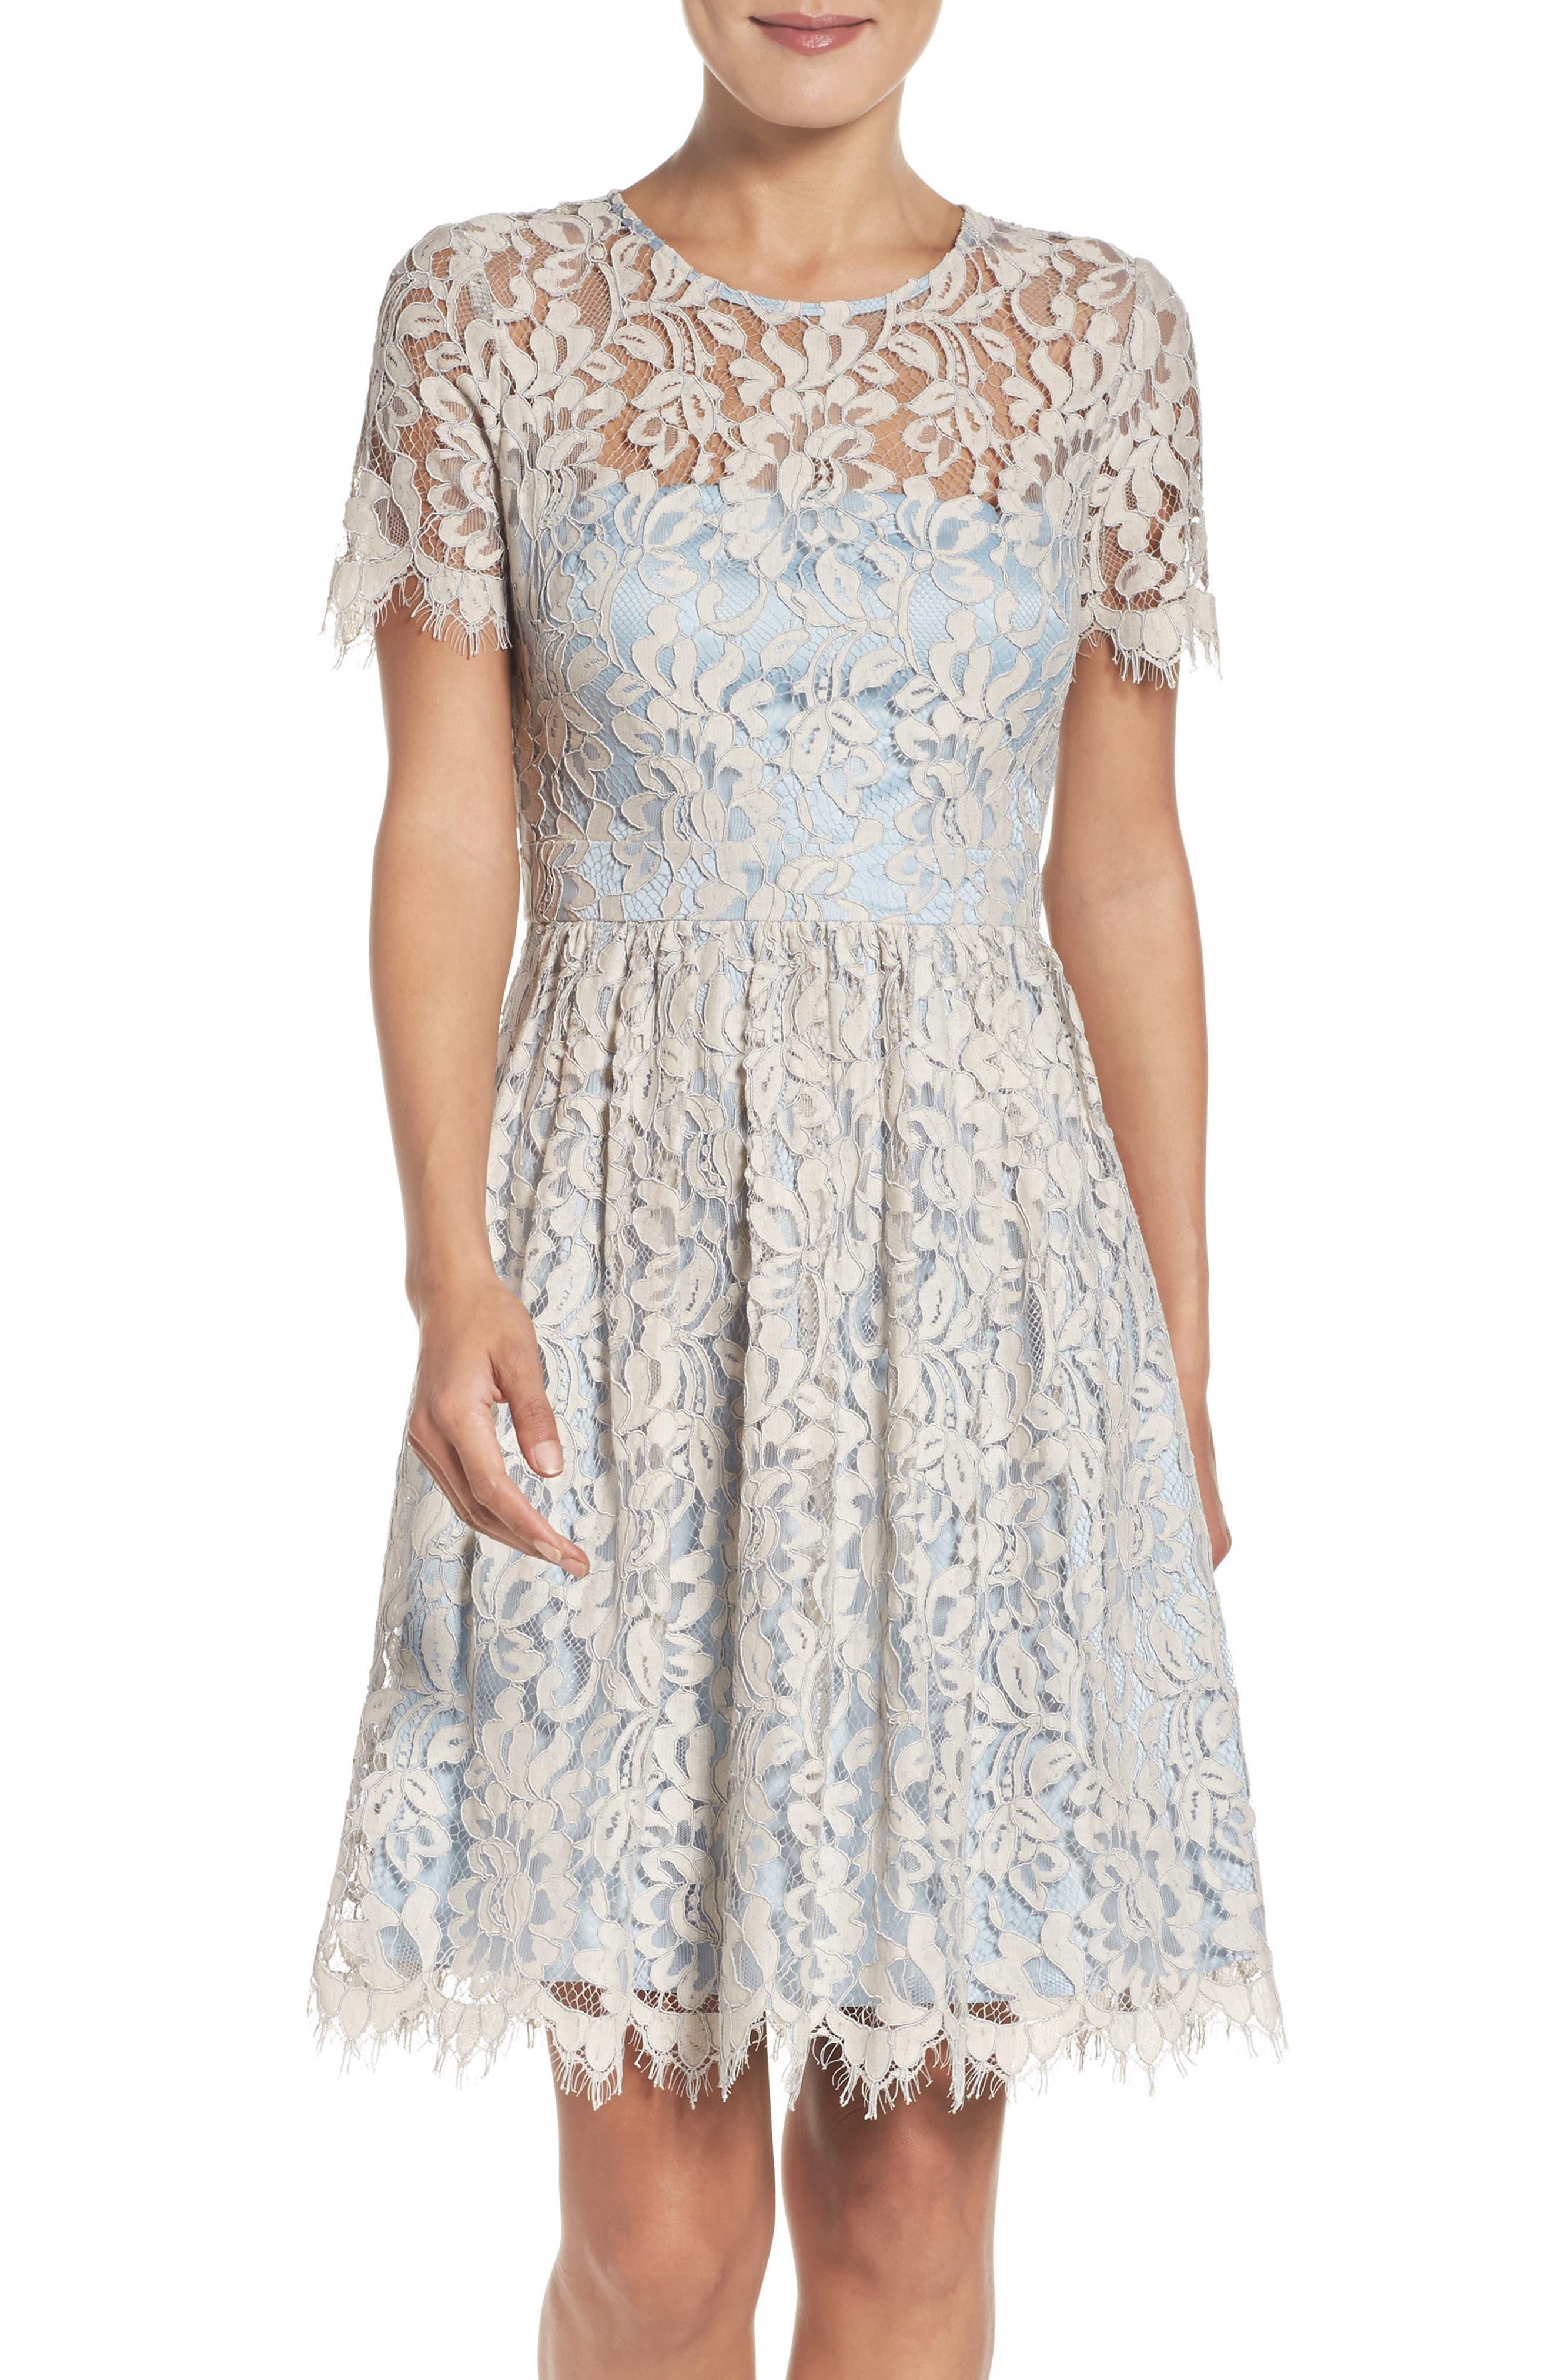 Alternate Image 1 Selected - Eliza J Fit & Flare Dress